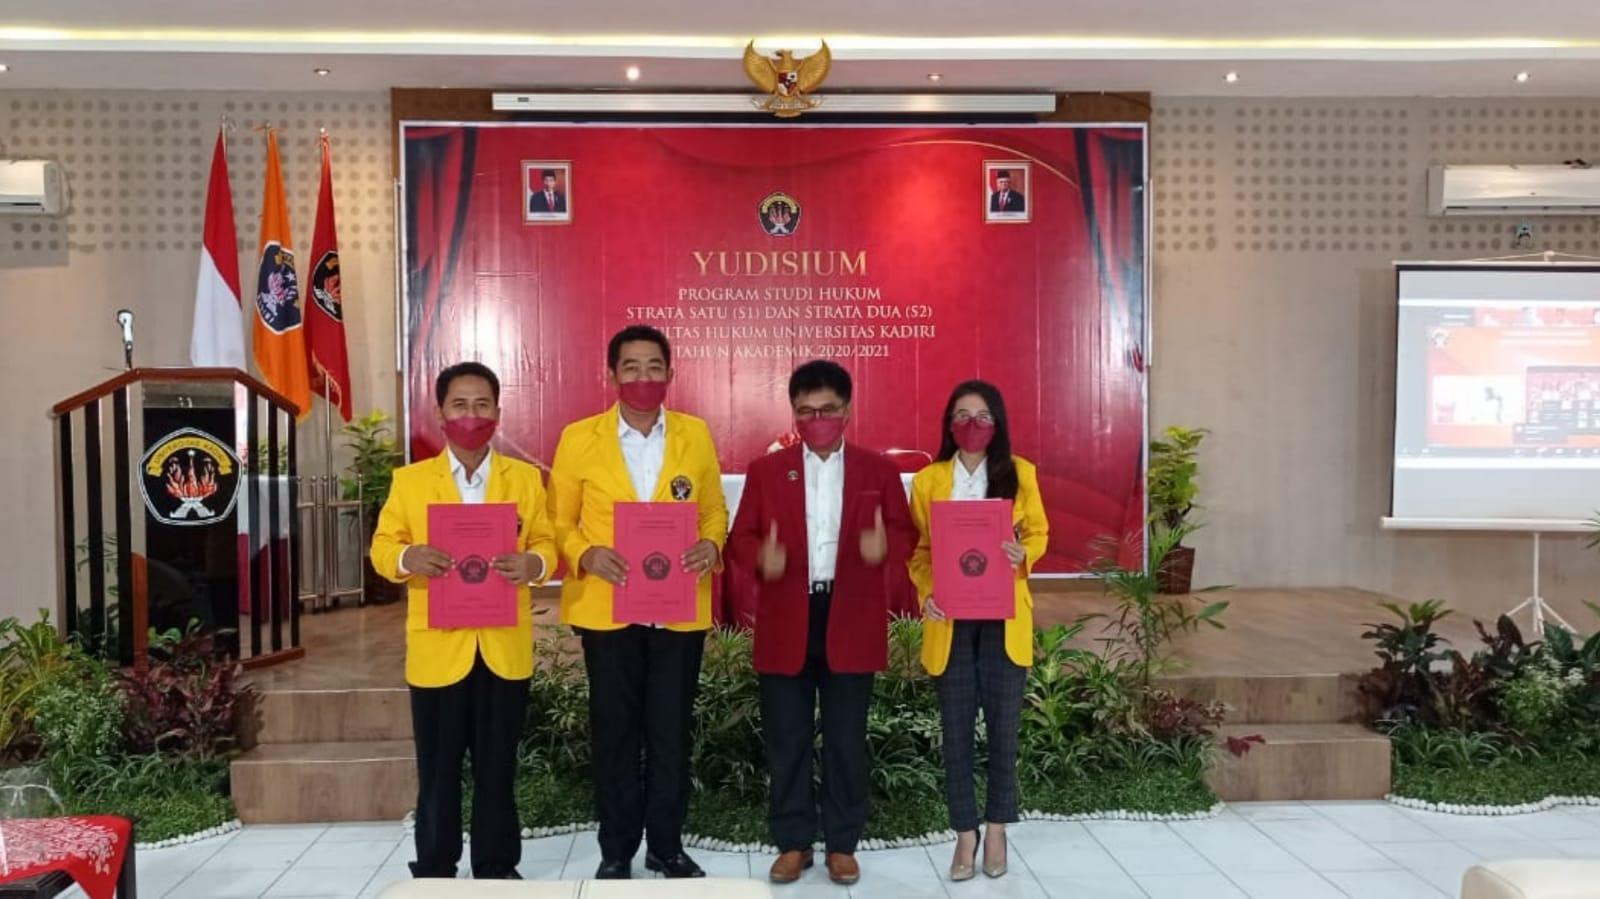 Anggota Polres Jombang Terbaik 2 di Yudisium Pascasarjana Unik 2021